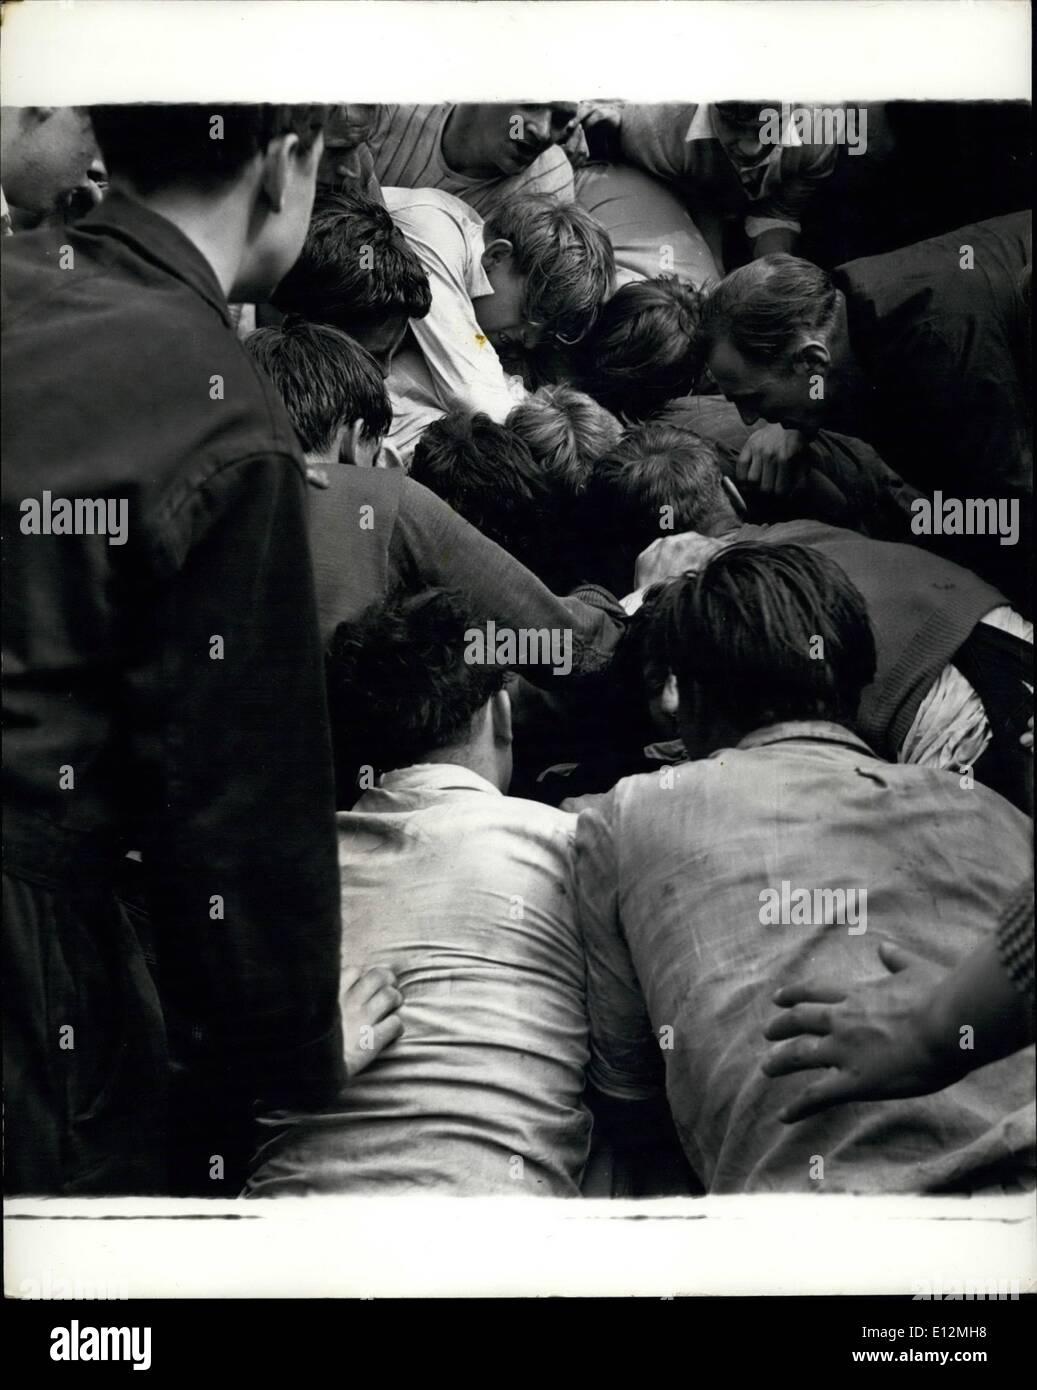 Febrero 24, 2012 - La batalla ha comenzado y los equipos opuestos bajar a cuatro horas - lucha por la botella, Imagen De Stock